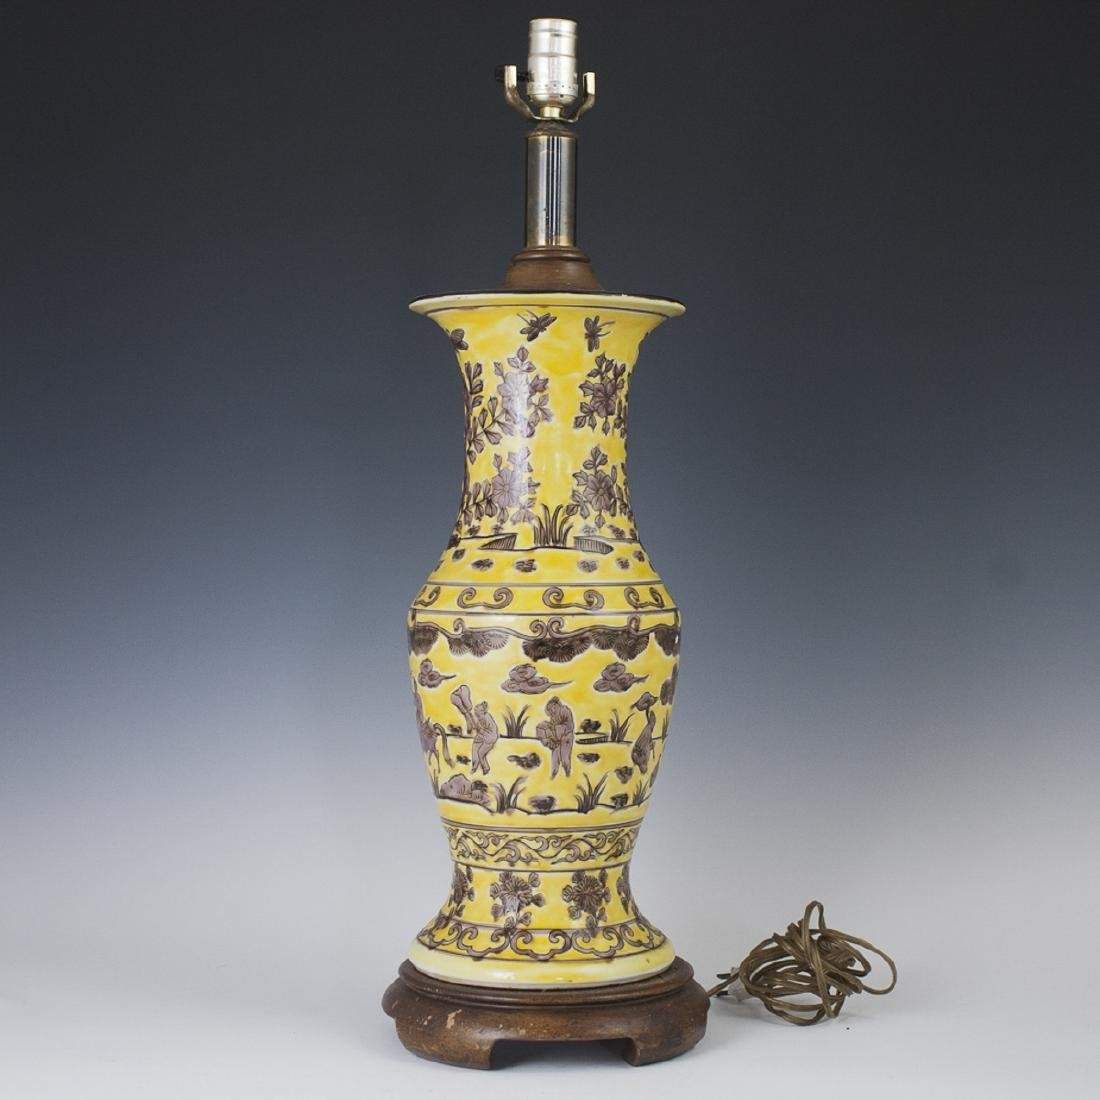 Chinese Enameled Porcelain Lamp